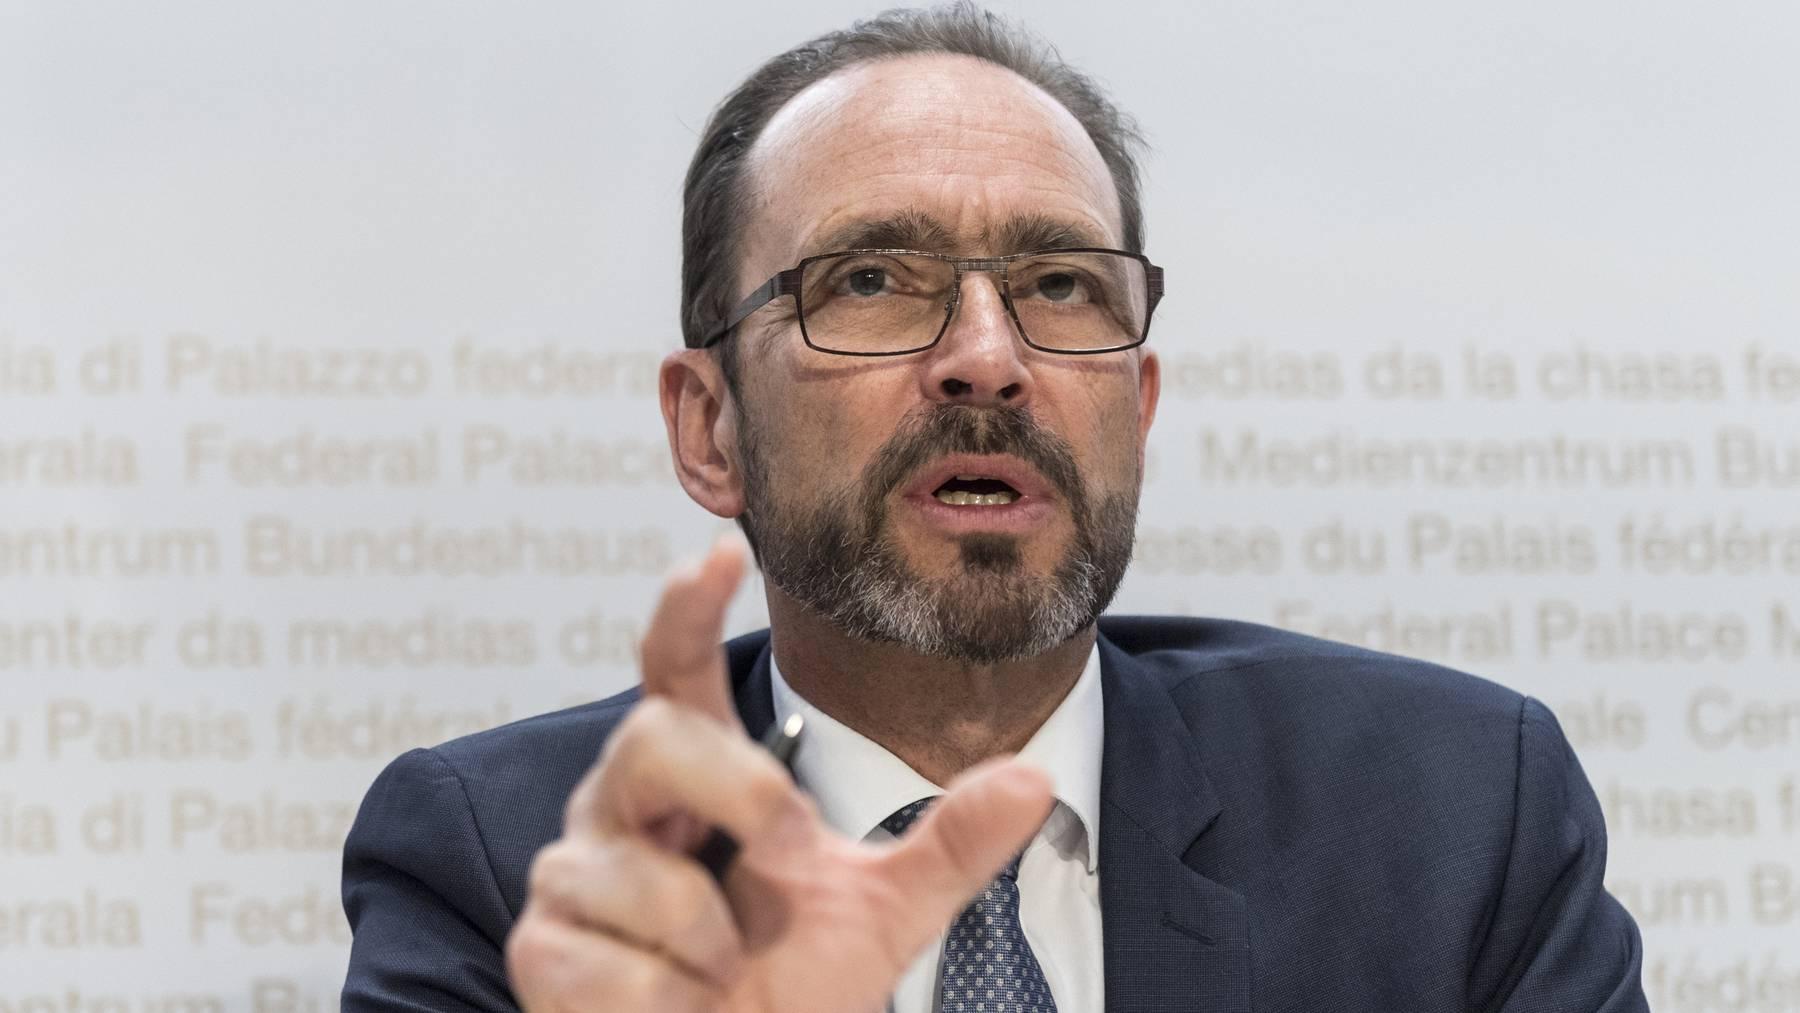 BAG-Direktor Stupler bestätigt, dass die Schweiz kurz vor dem Abschluss eines Vorverkaufs für einen Impfstoff steht.